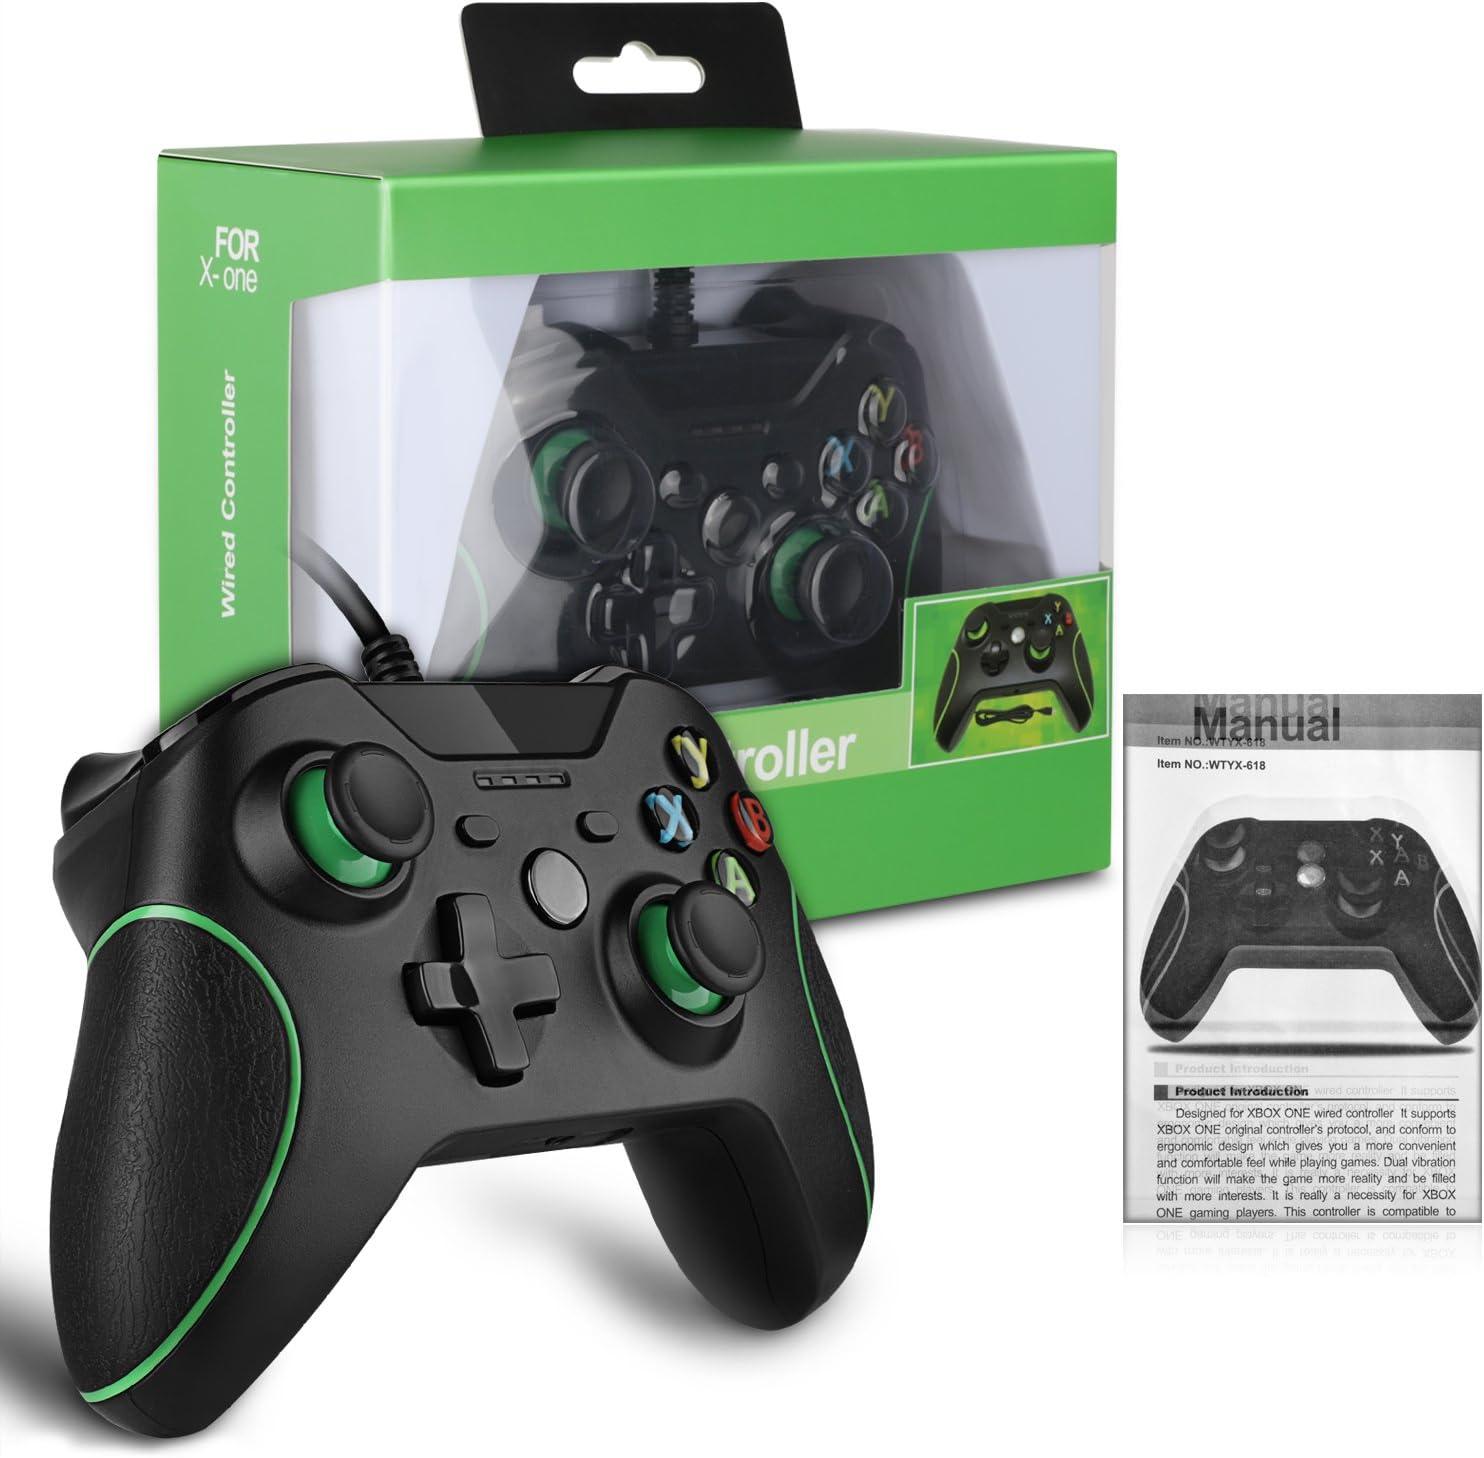 YockTec Xbox One Mando/Controller PC Wired Controller/Controlador de juegos USB Wired Joysticks Gamepad para Xbox One / Xbox One X-Negro: Amazon.es: Videojuegos